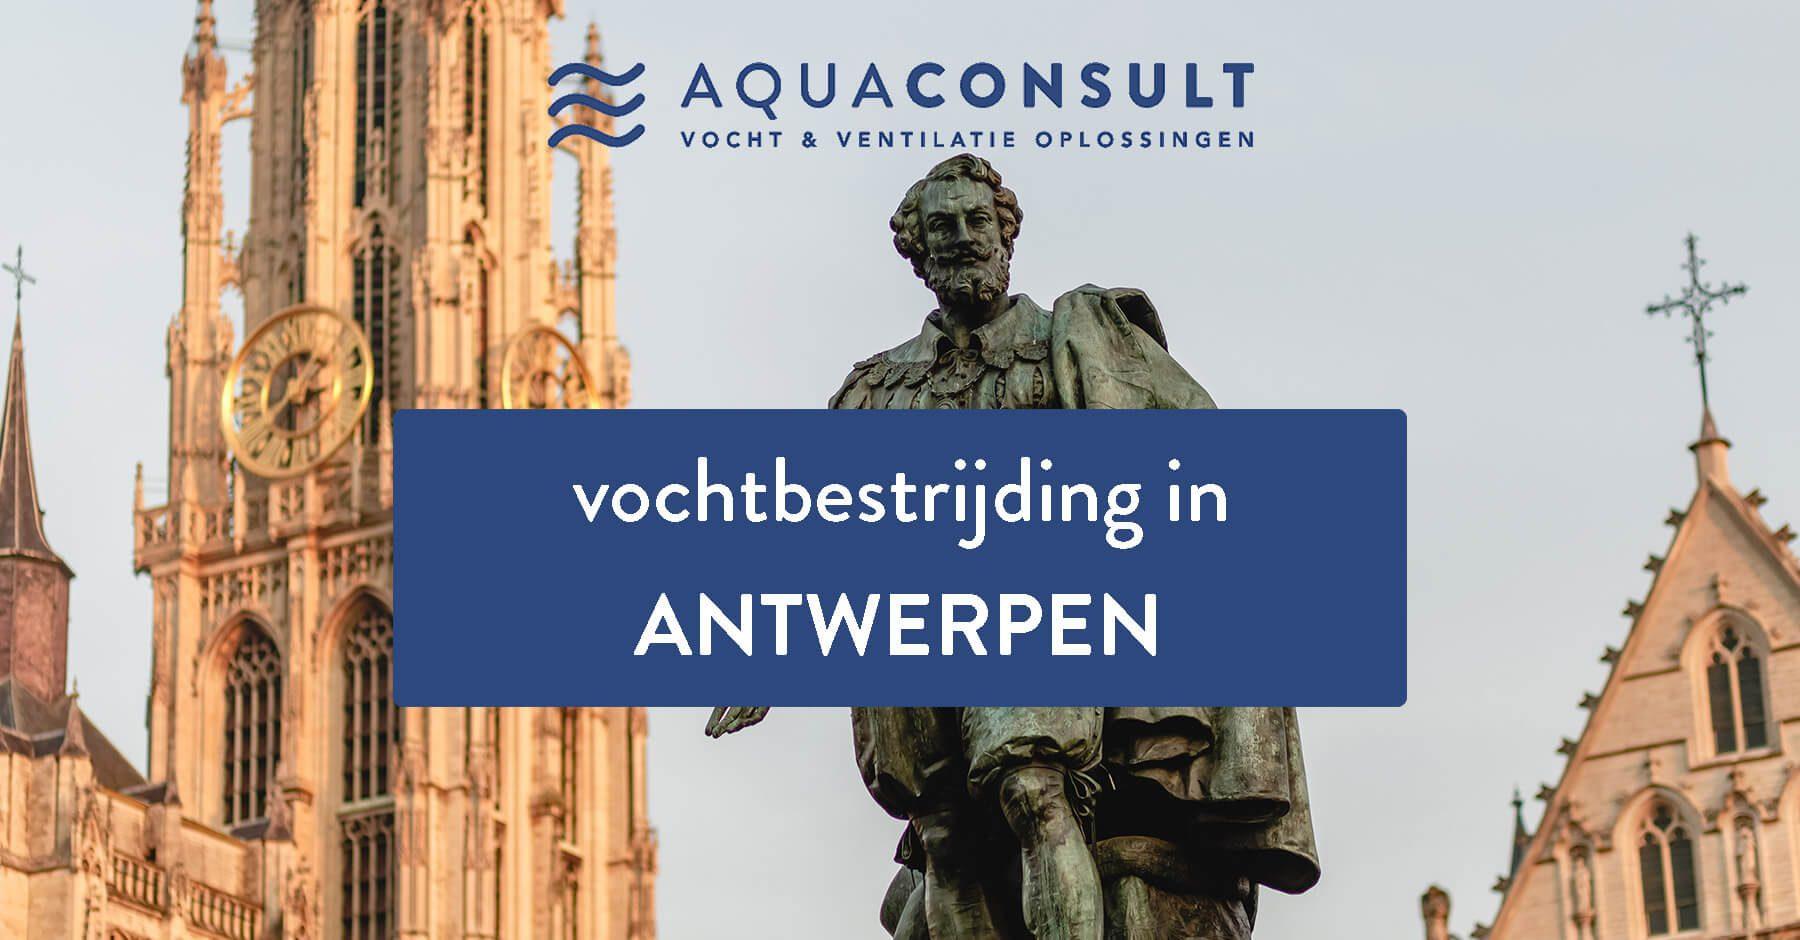 Vochtbestrijding in Antwerpen